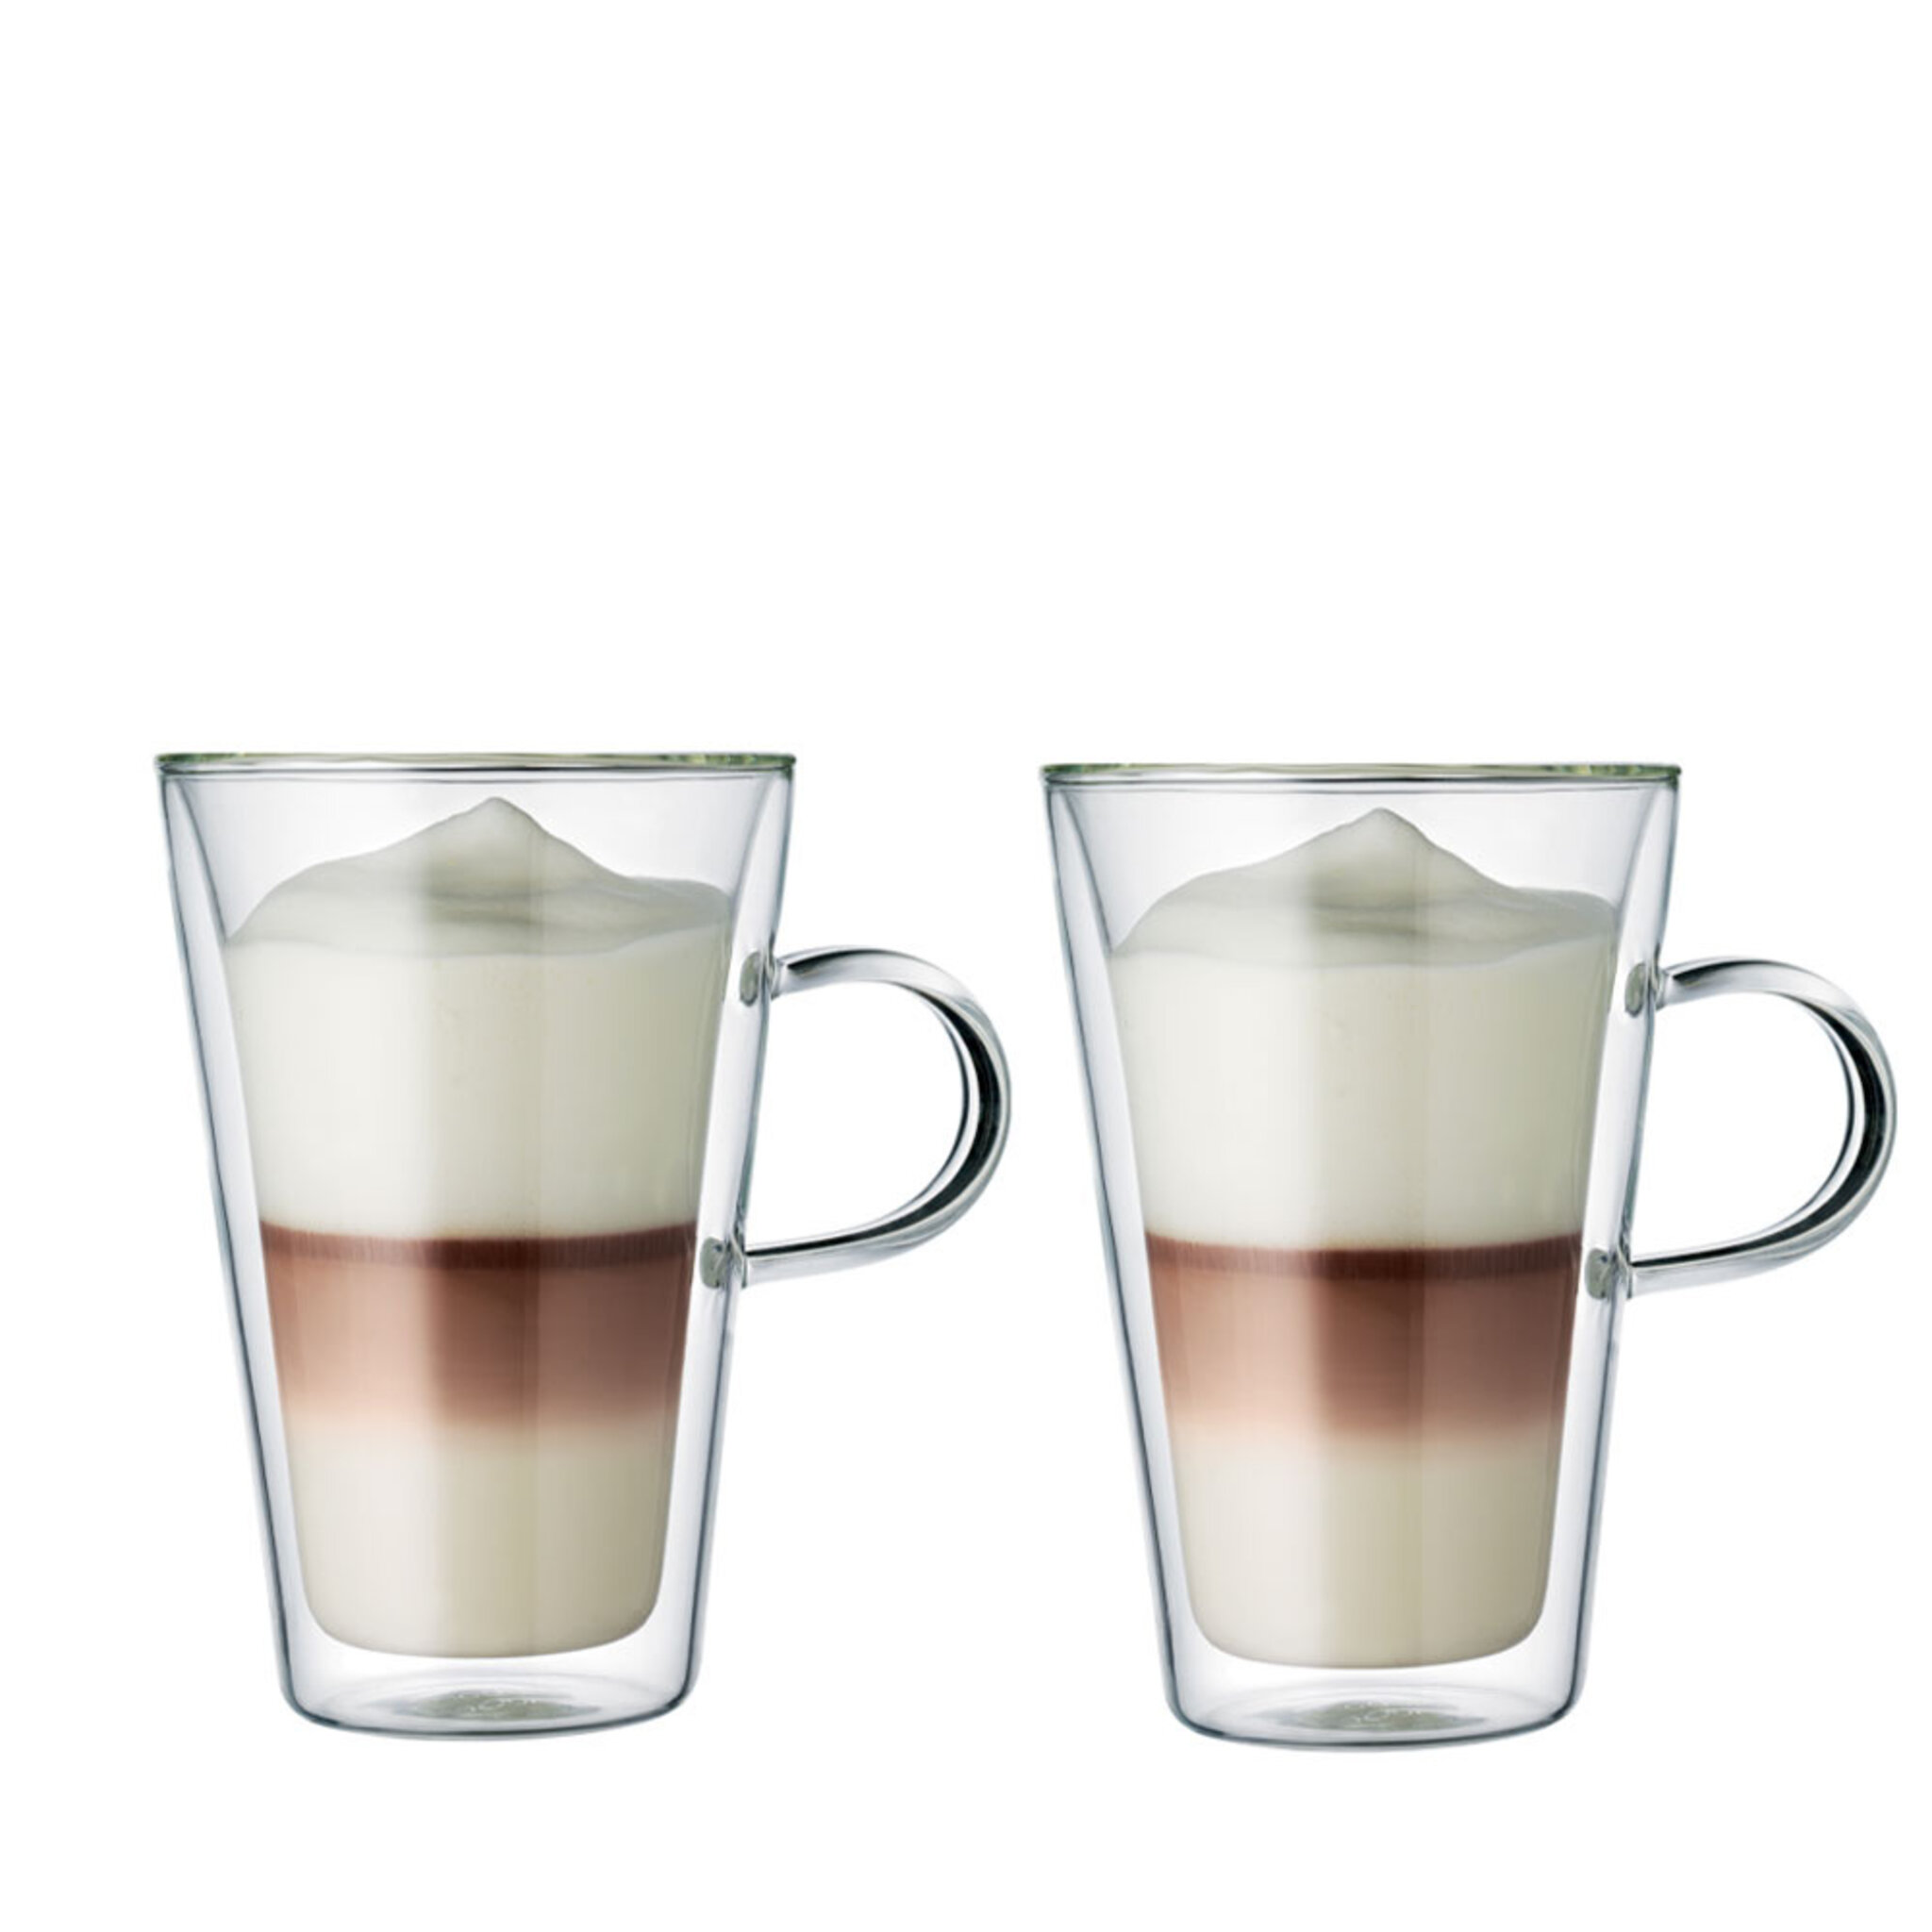 Dubbelväggat glas Canteen + öra 40 cl 2-pack 40 CL